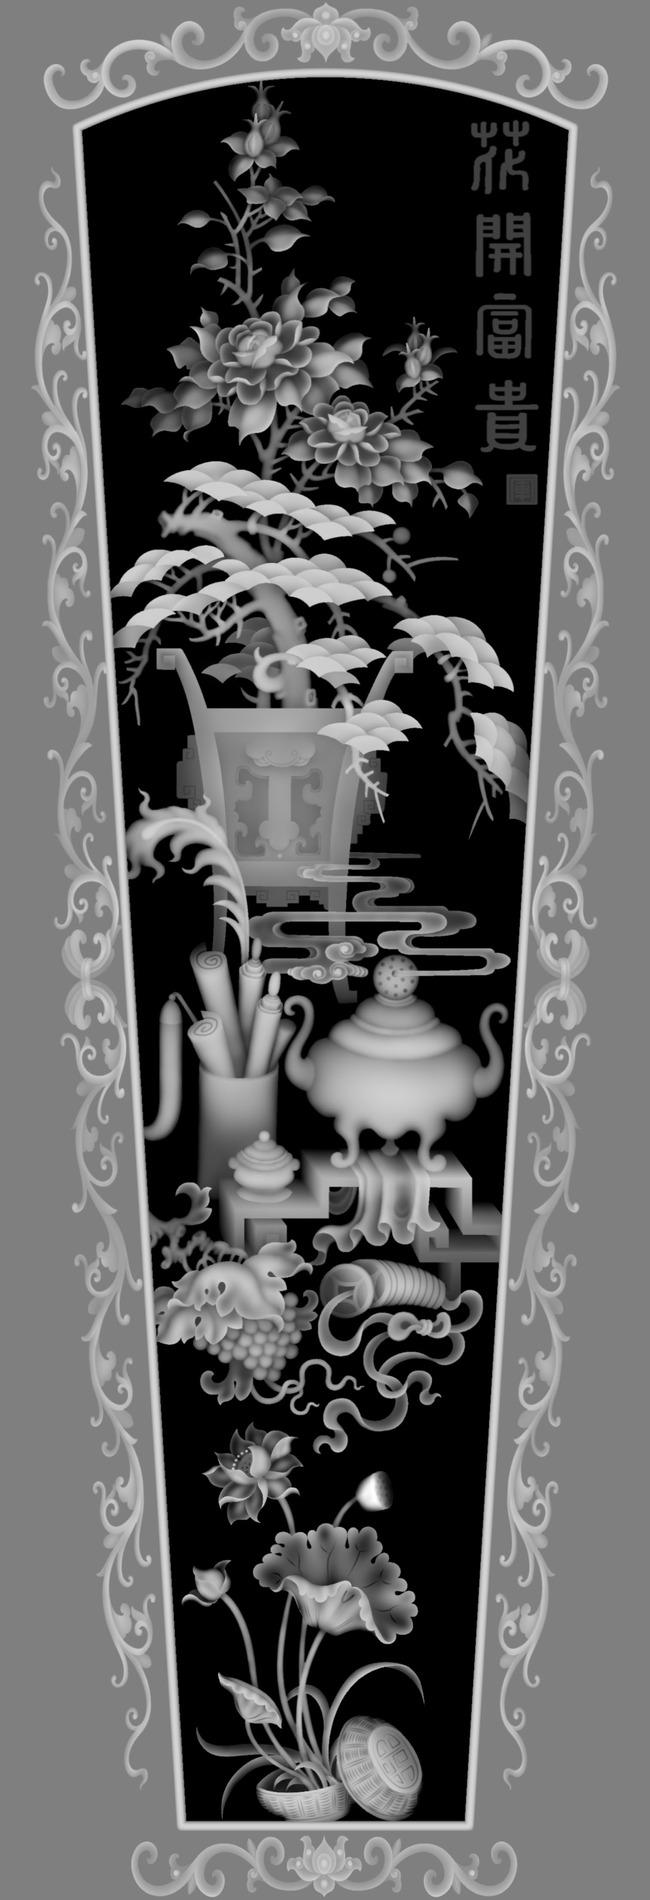 雕刻图案 > 精雕棺材花开富贵盖jdp灰度图